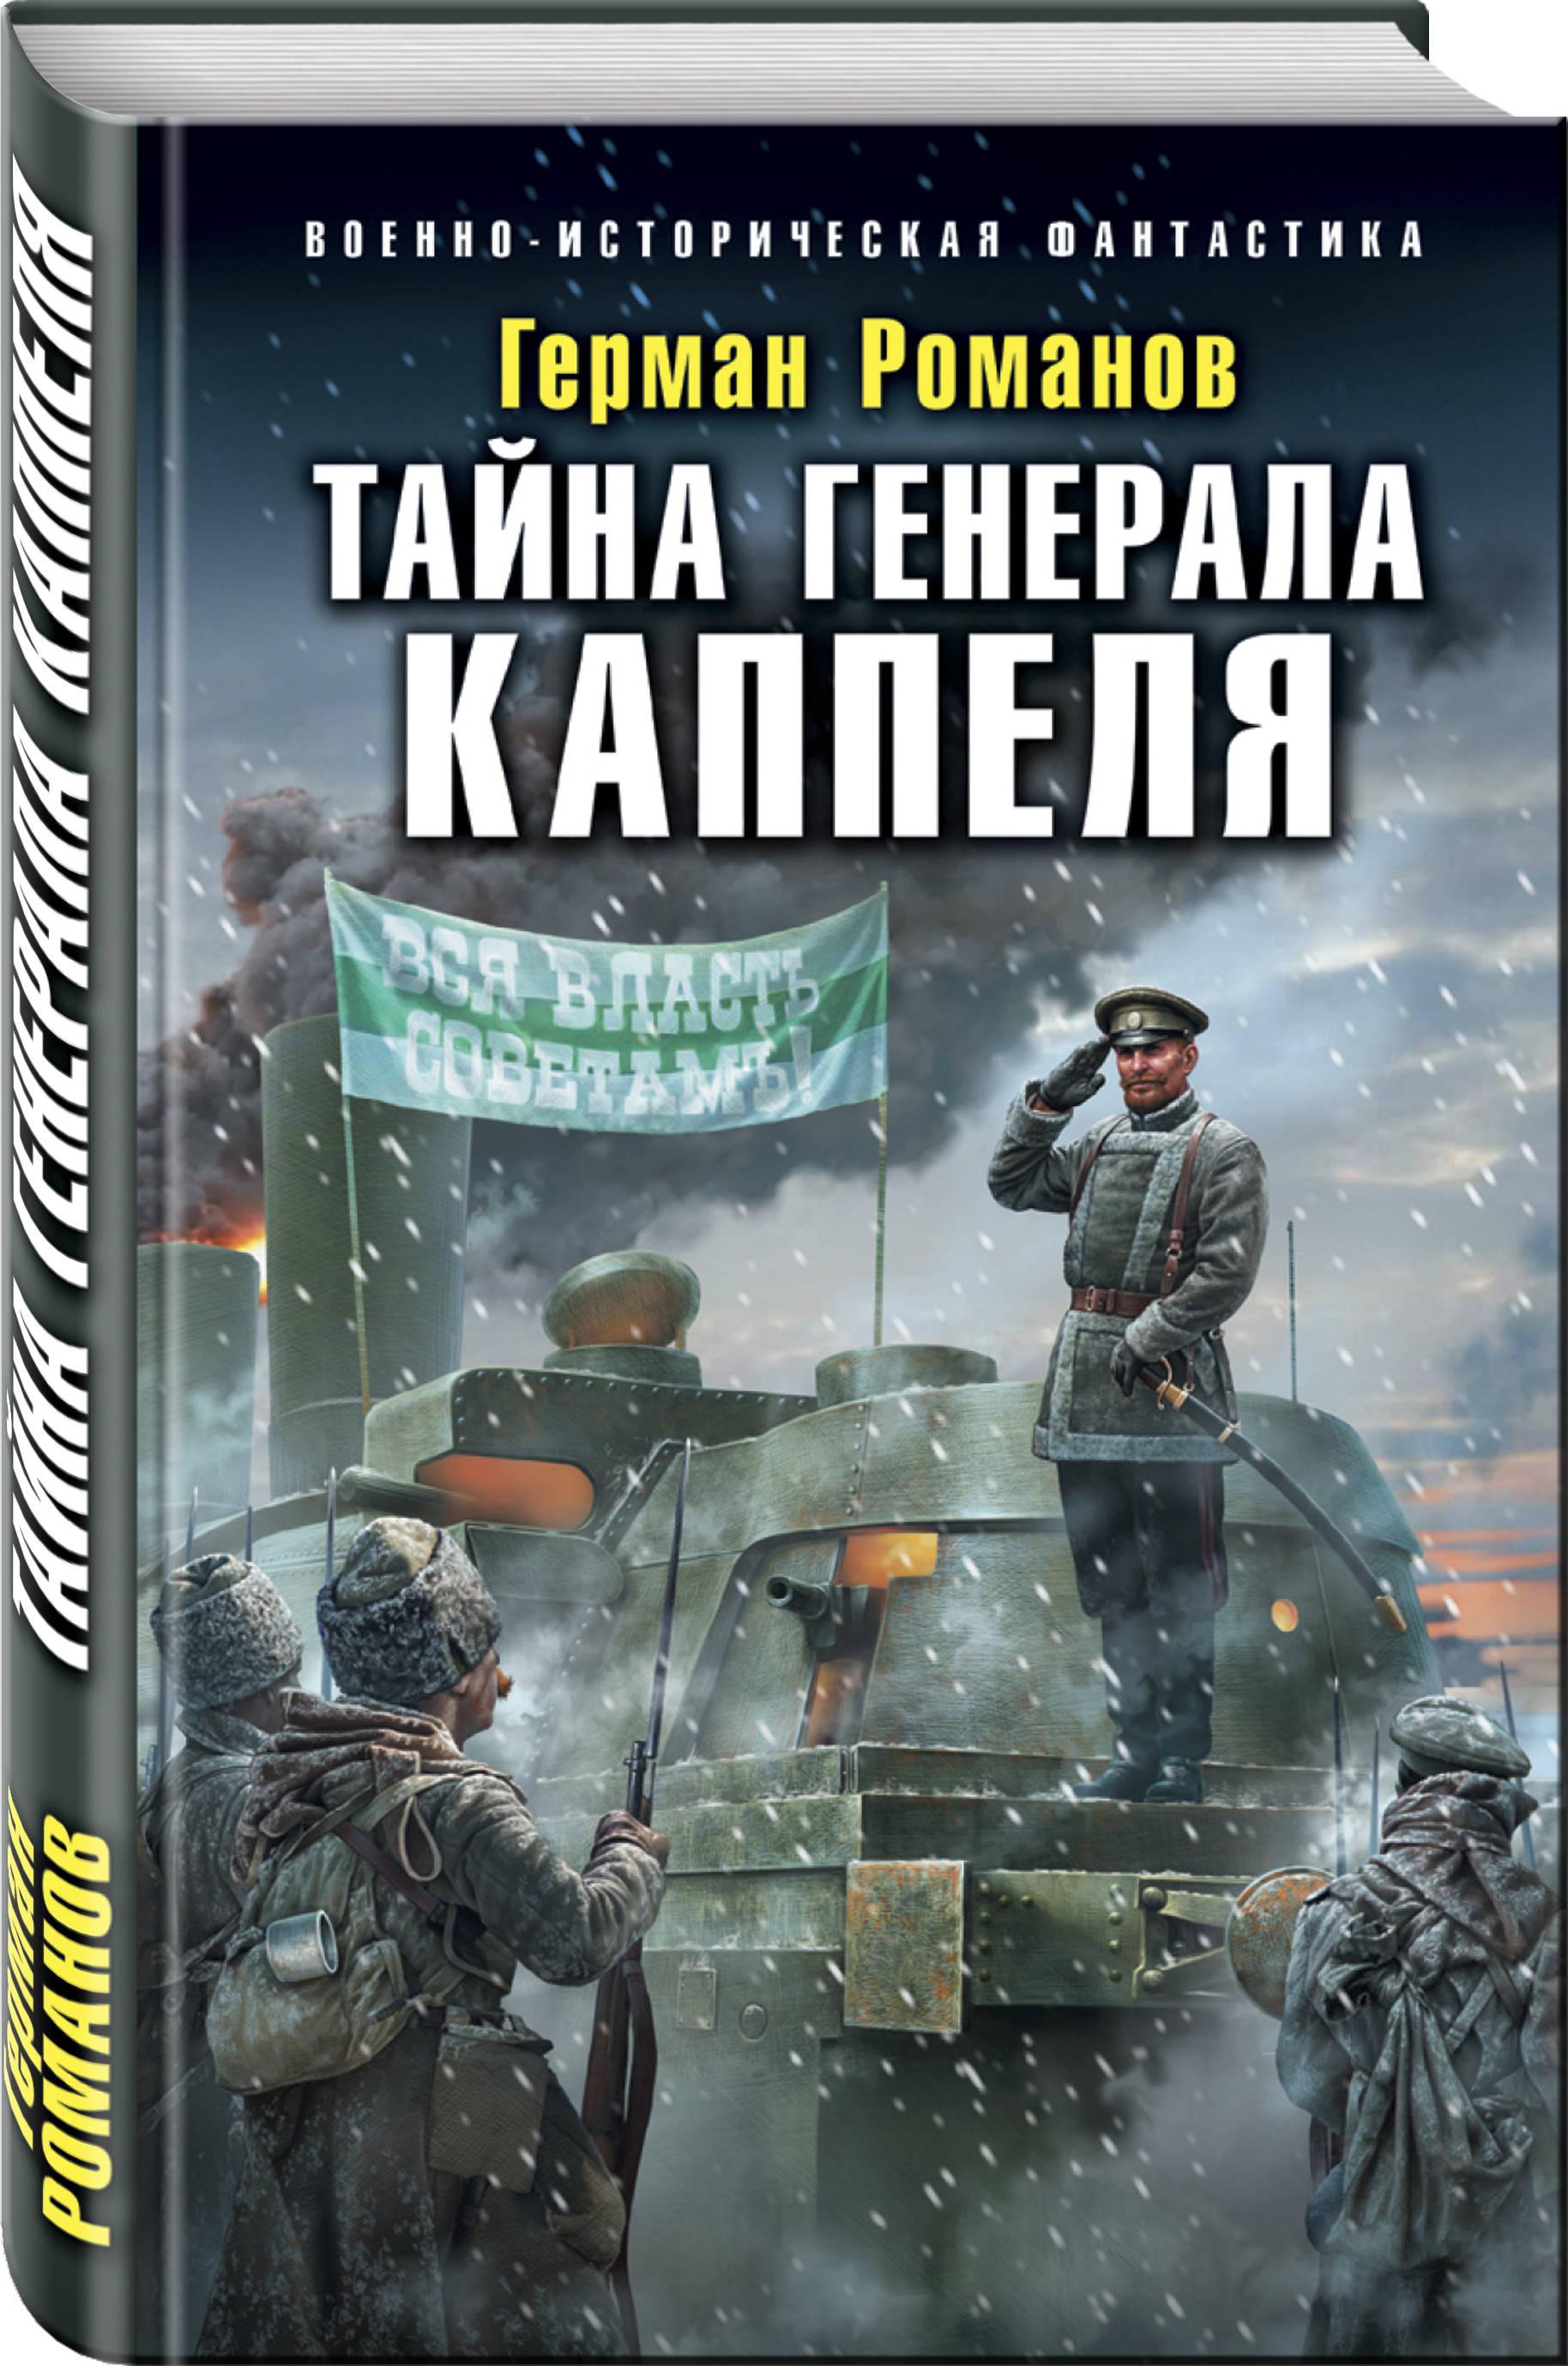 Герман Романов Тайна генерала Каппеля